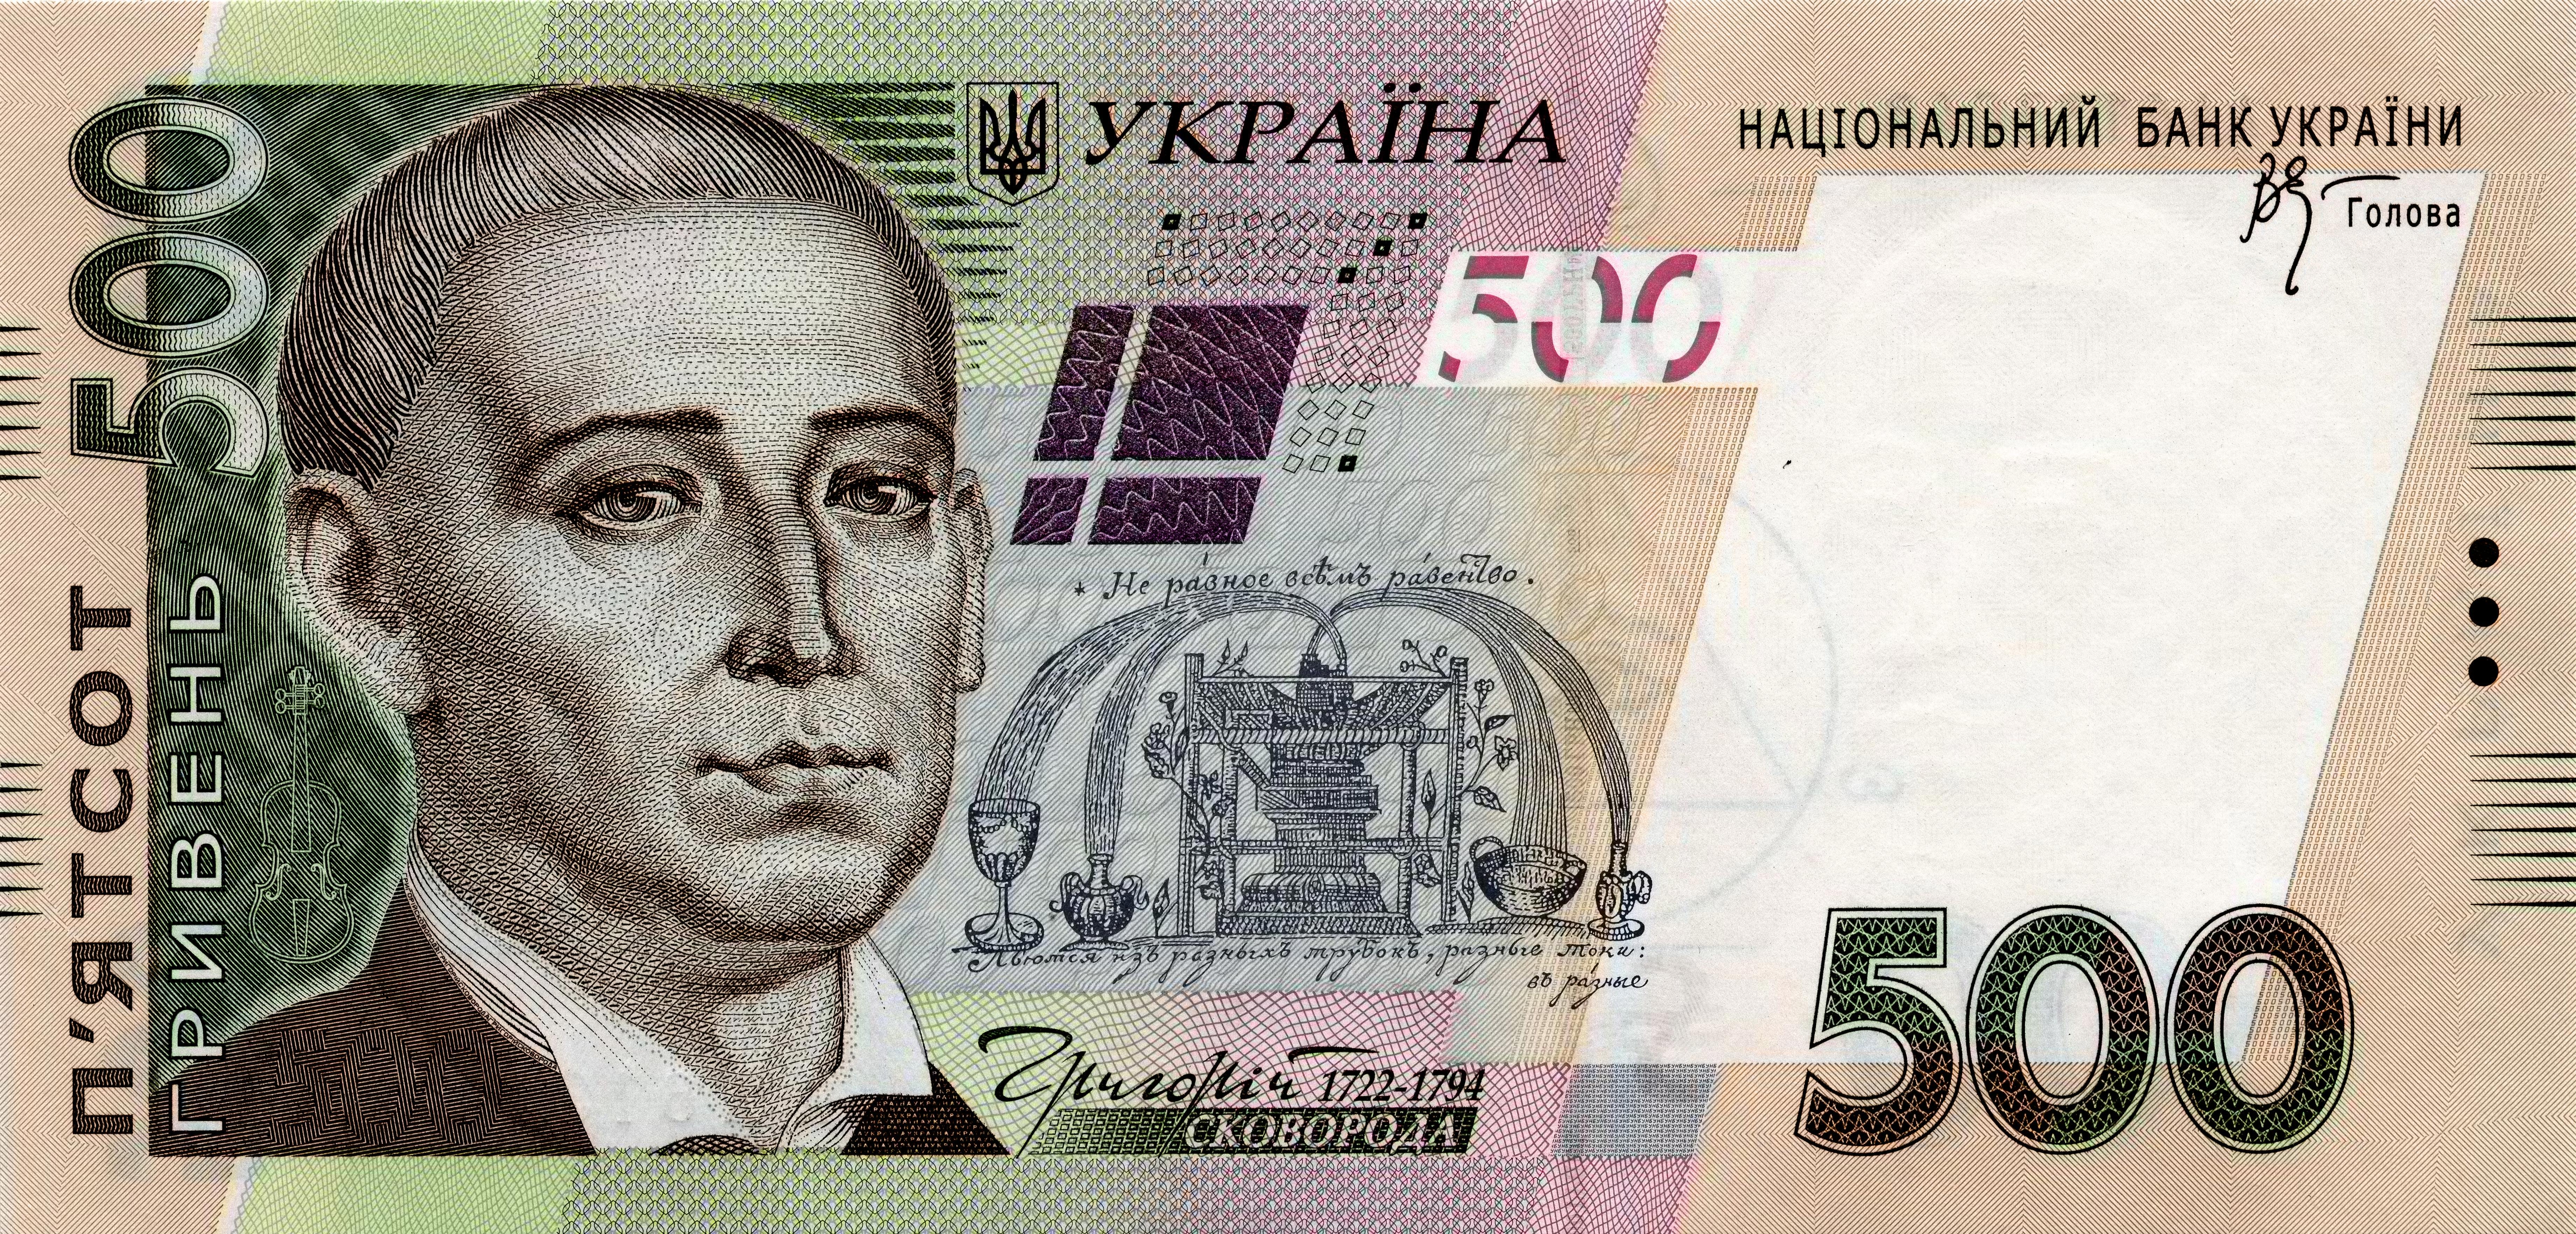 Картинка 500 евро (12 купюр) - купить в магазине Мята | Купить ... | 3528x7363